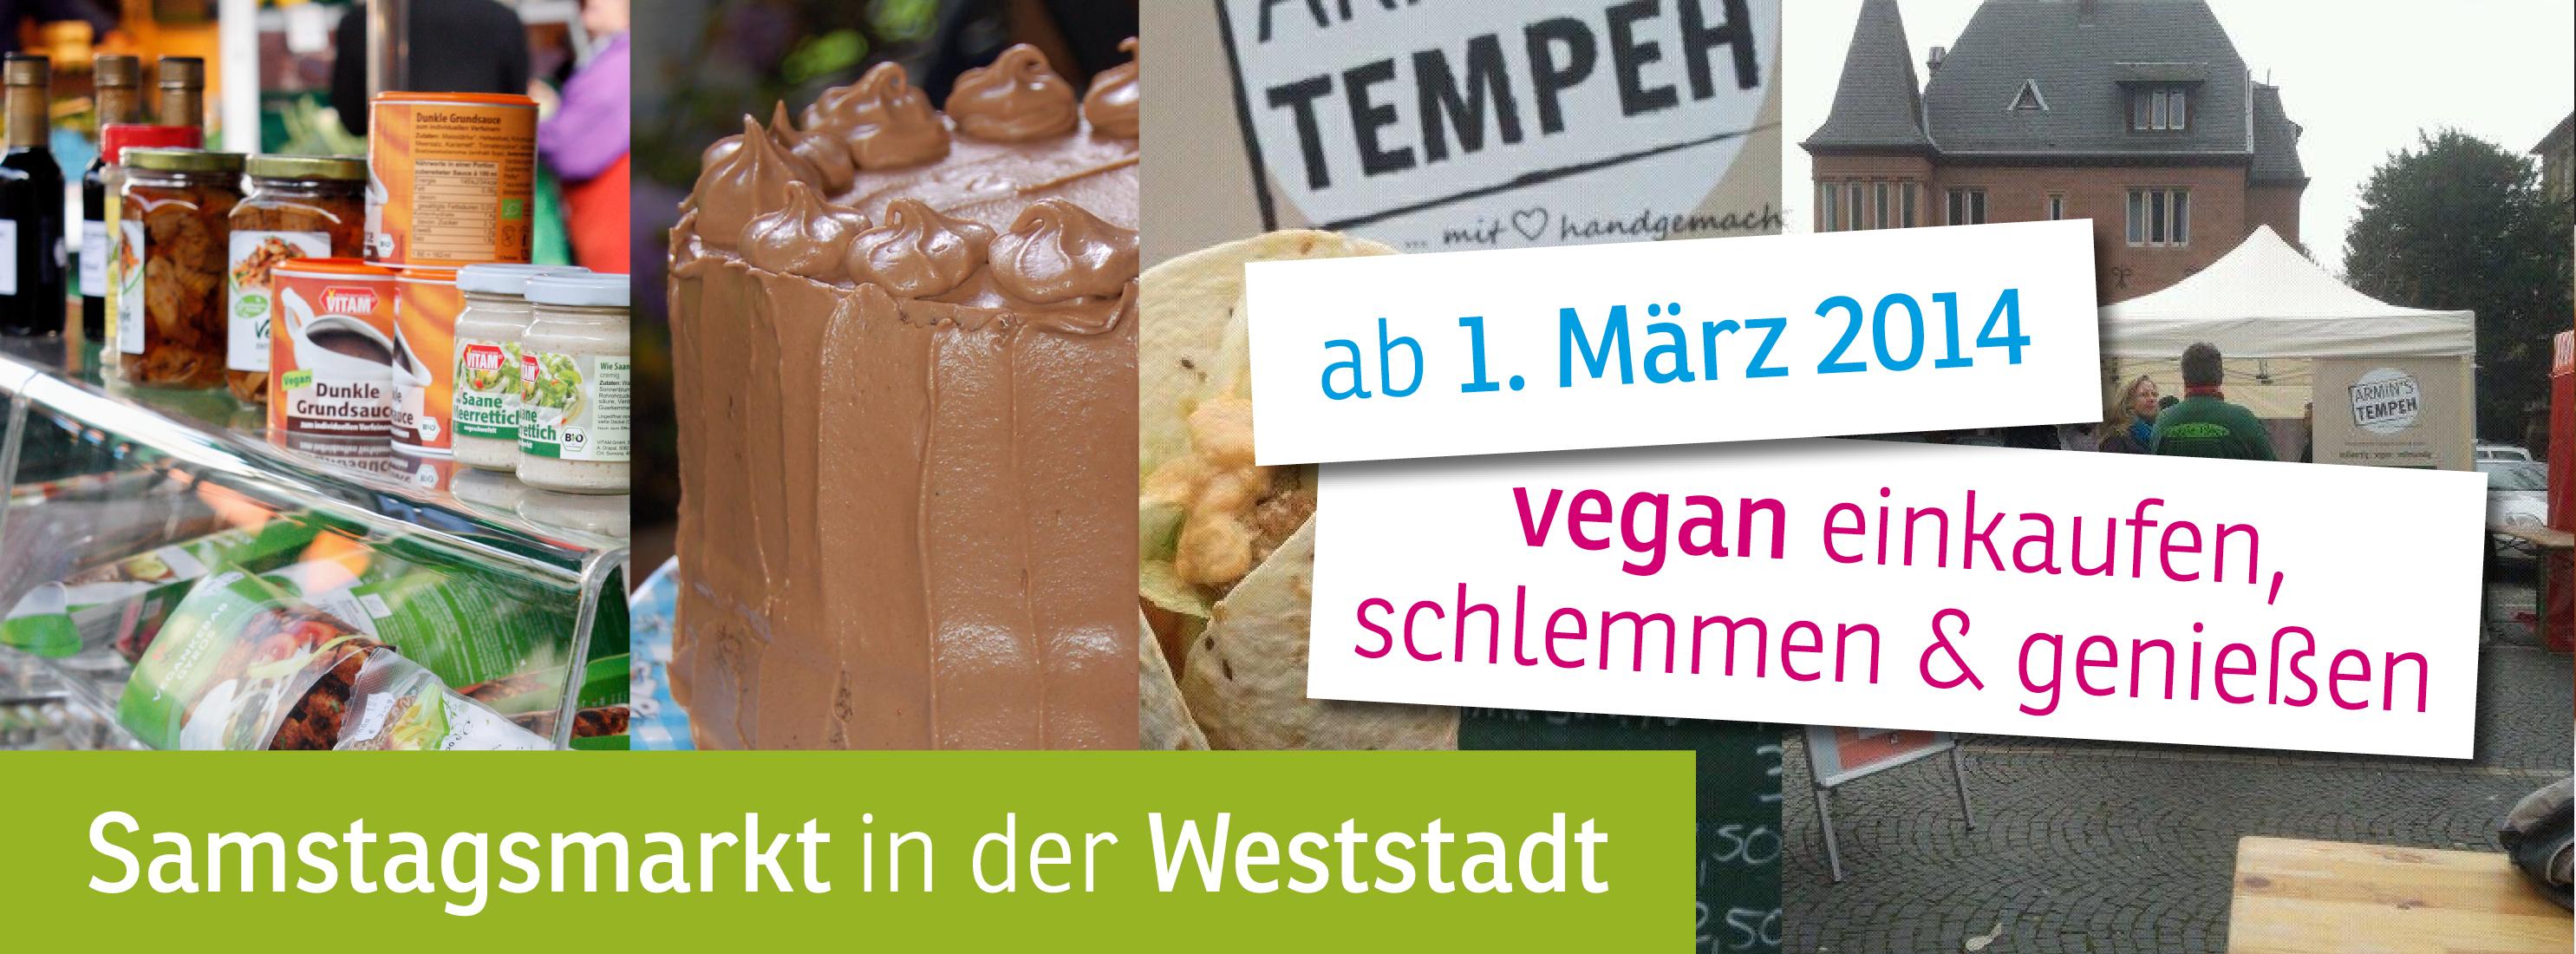 Auftakt Weststadtmarkt